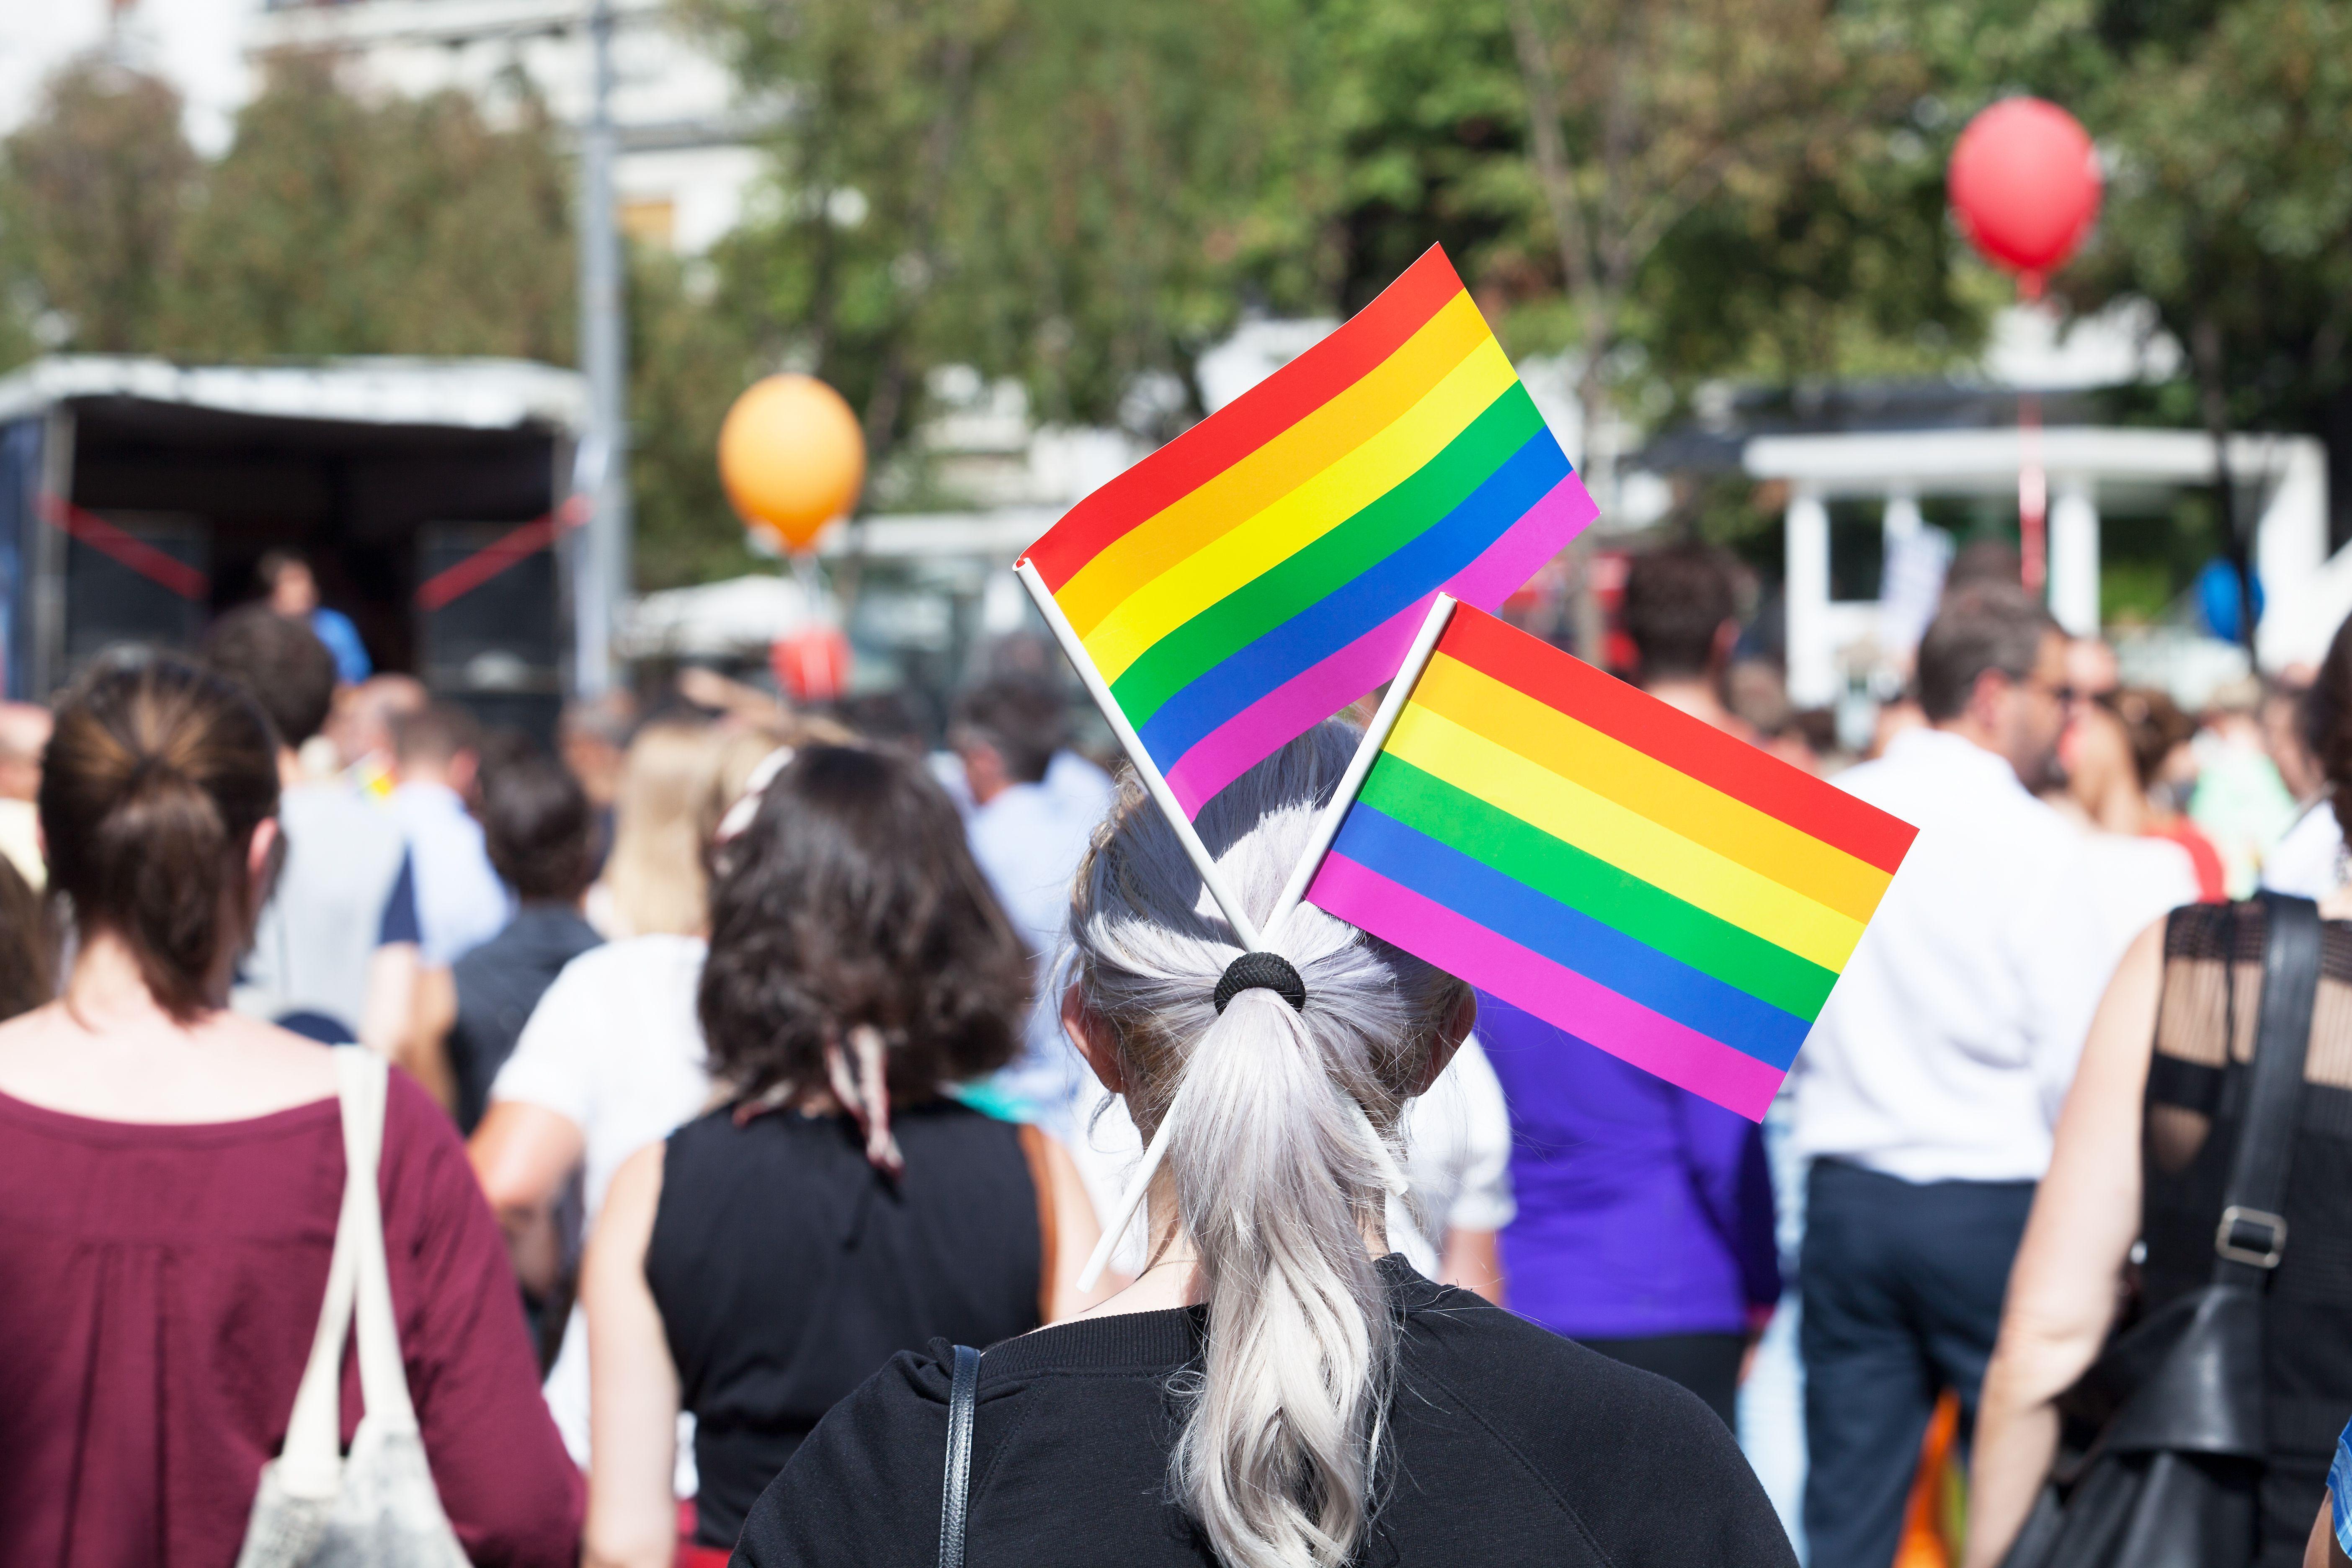 Jente med to små regnbueflagg i håret.